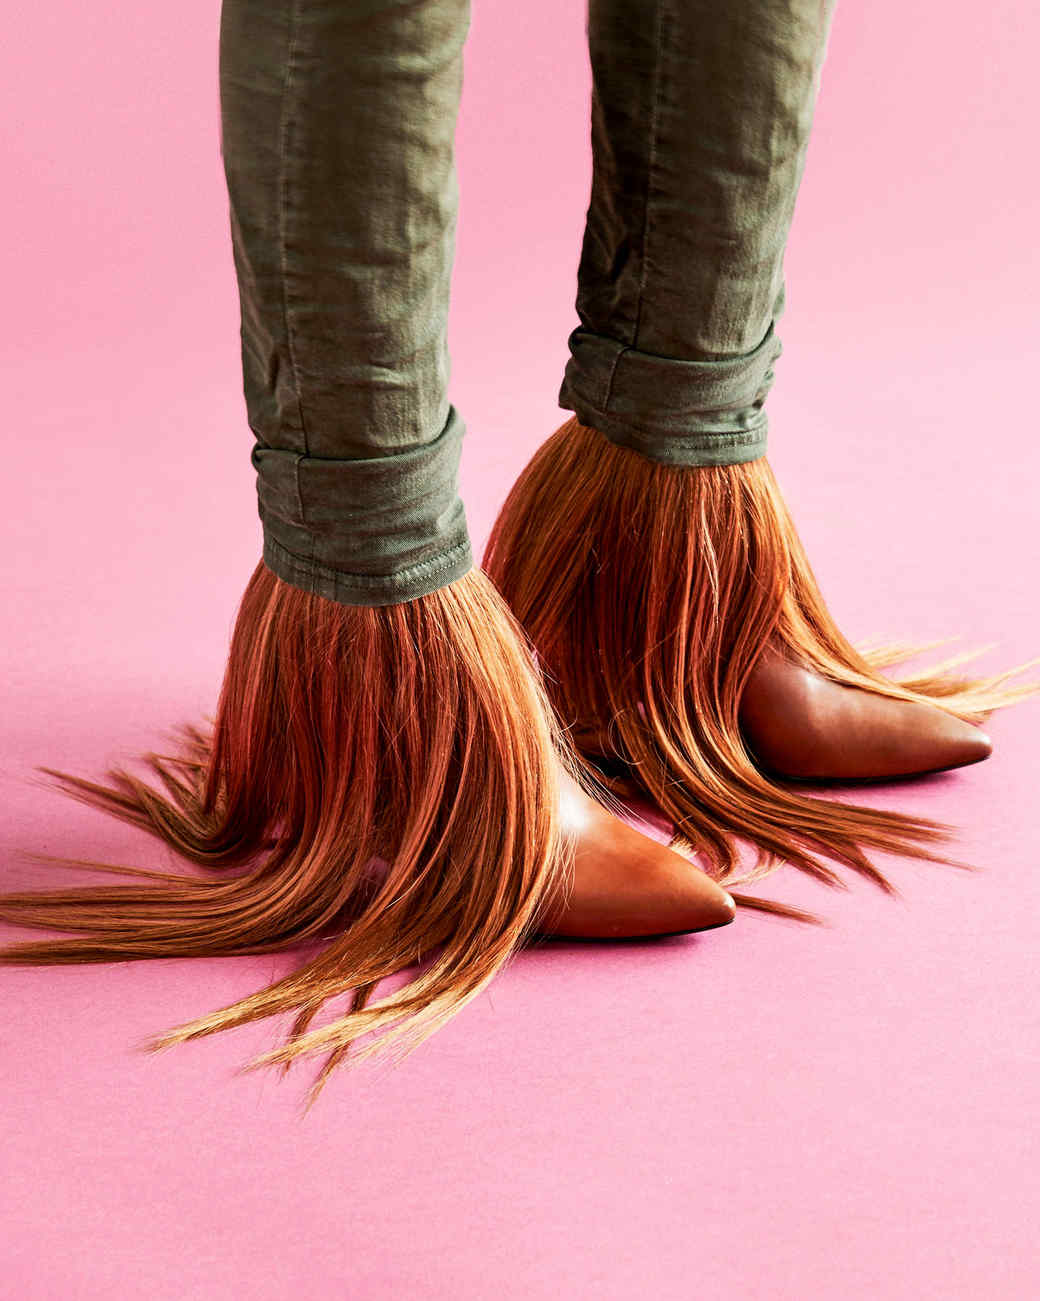 werewolf boots against pink background